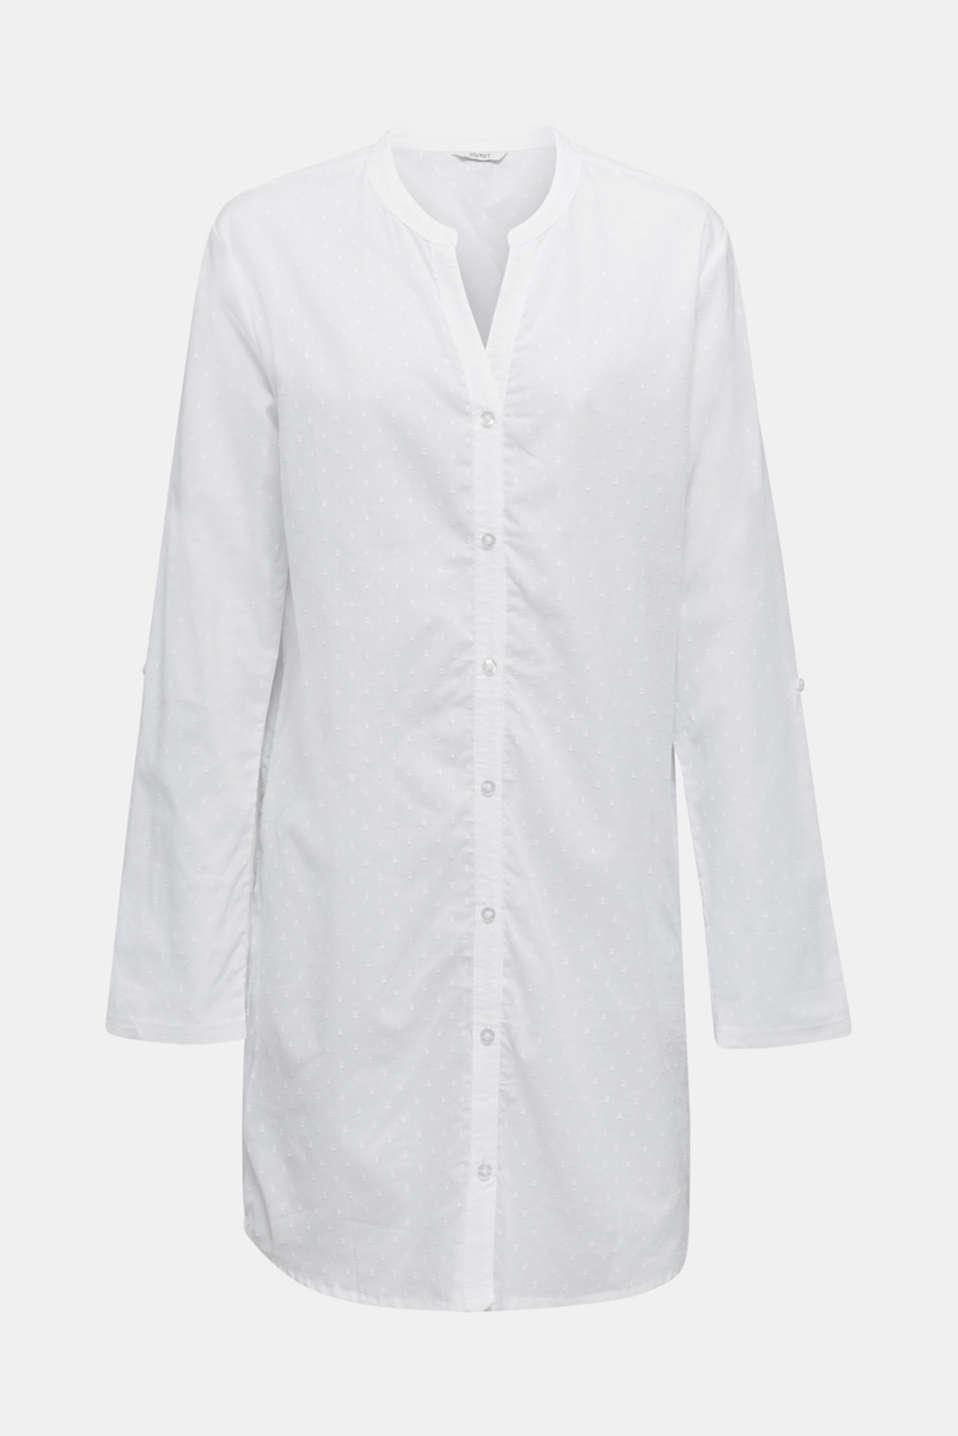 Polka dot nightshirt, 100% cotton, WHITE, detail image number 5